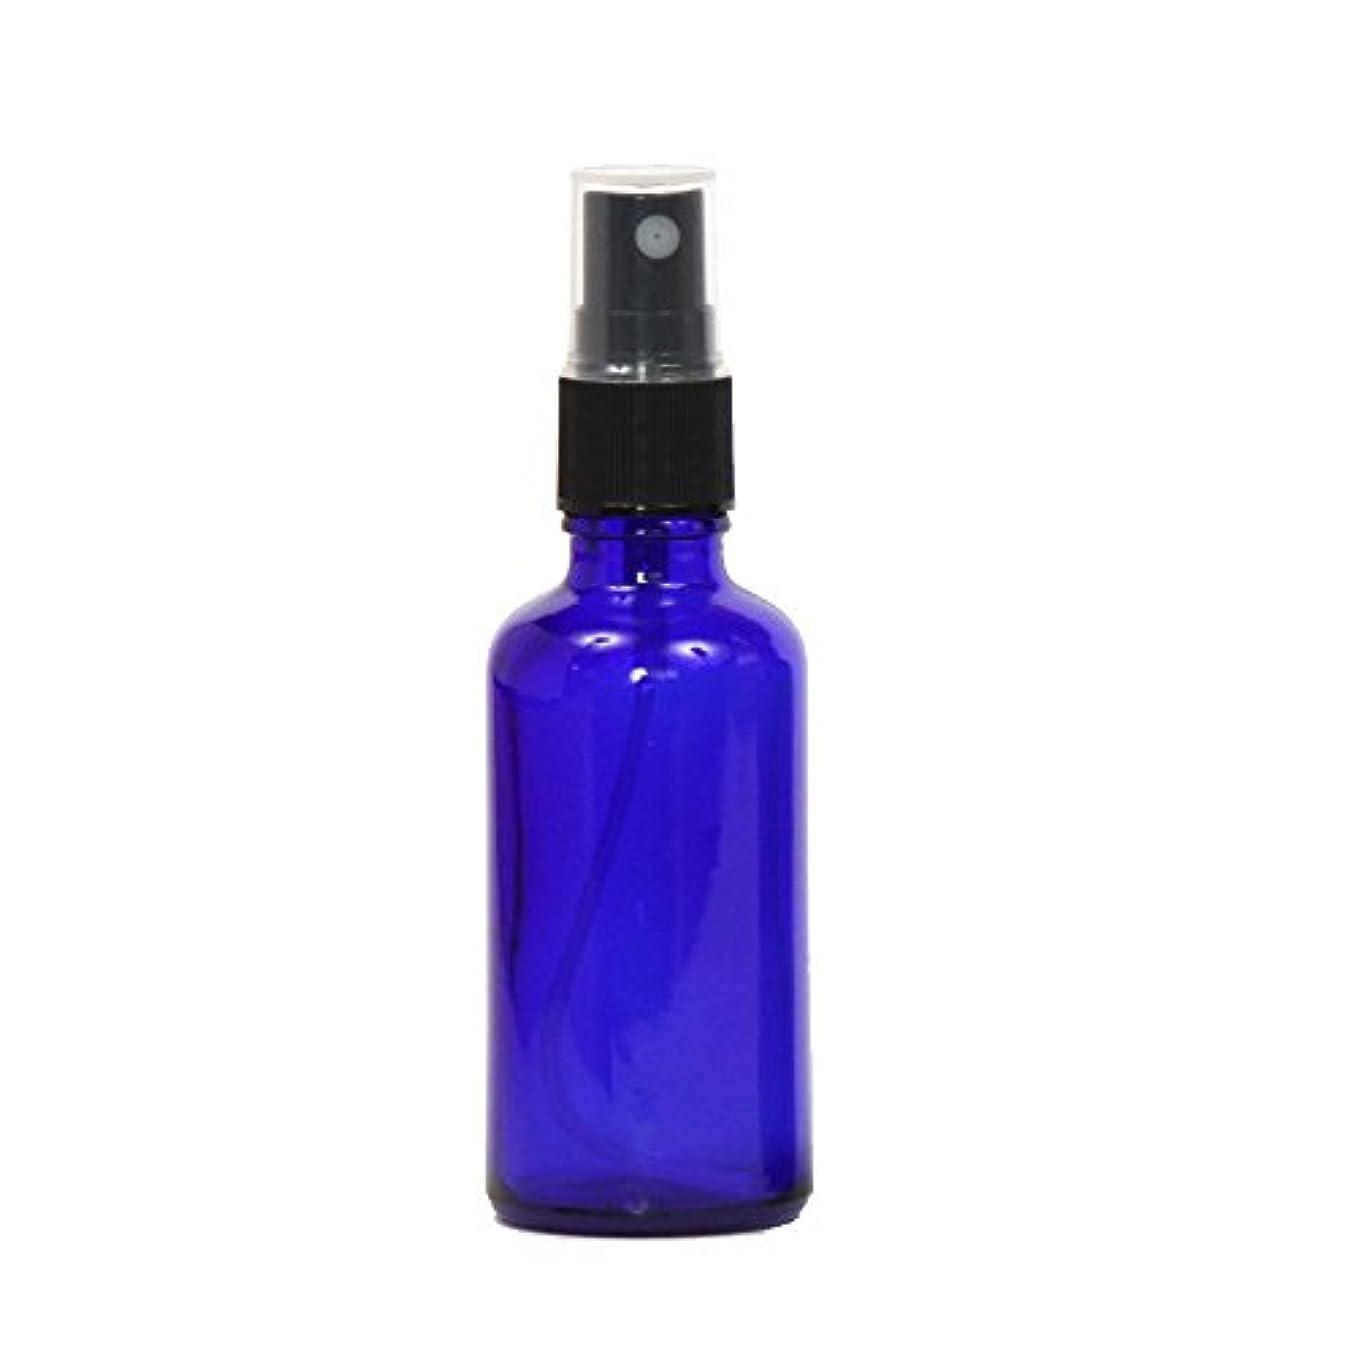 人生を作るサーマルデッドロックスプレー容器 ガラス瓶ボトル 50mL 遮光性ブルー おしゃれガラスアトマイザー 空容器bu50g